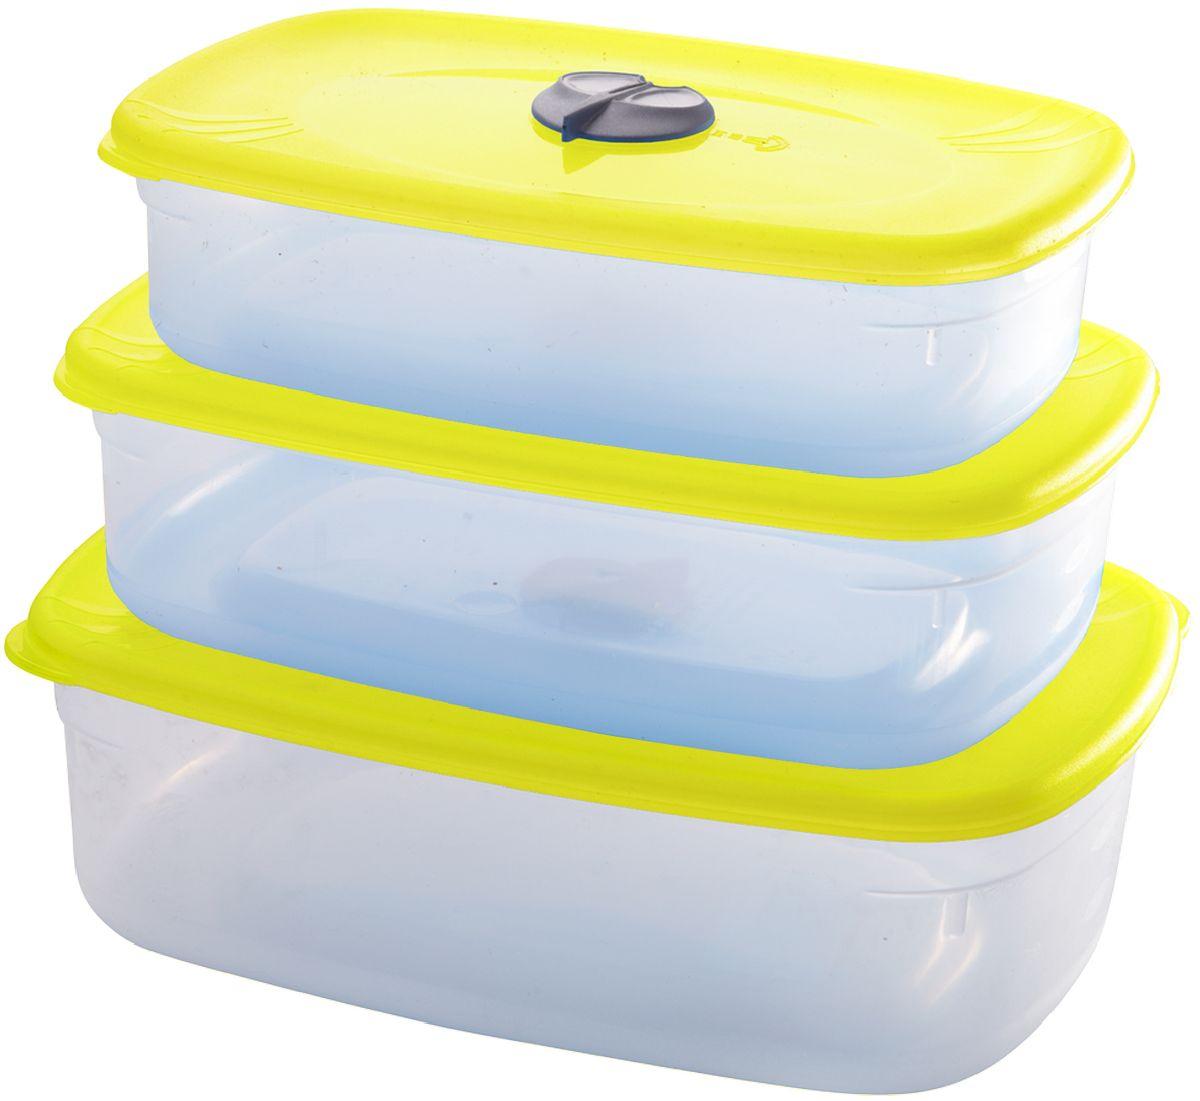 Комплект емкостей для СВЧ Plastic Centre, с паровыпускным клапаном, цвет: желтый, прозрачный, 3 шт93-CS-EA-5-03_серыйНабор многофункциональных емкостей для хранения различных продуктов, разогрева пищи, замораживания ягод и овощей в морозильной камере и т.п. При хранении продуктов емкости можно ставить одну на другую, сохраняя полезную площадь холодильника или морозильной камеры.Объем маленькой емкости: 750 мл.Объем средней емкости: 1,2 л.Объем большой емкости: 1,6 л.